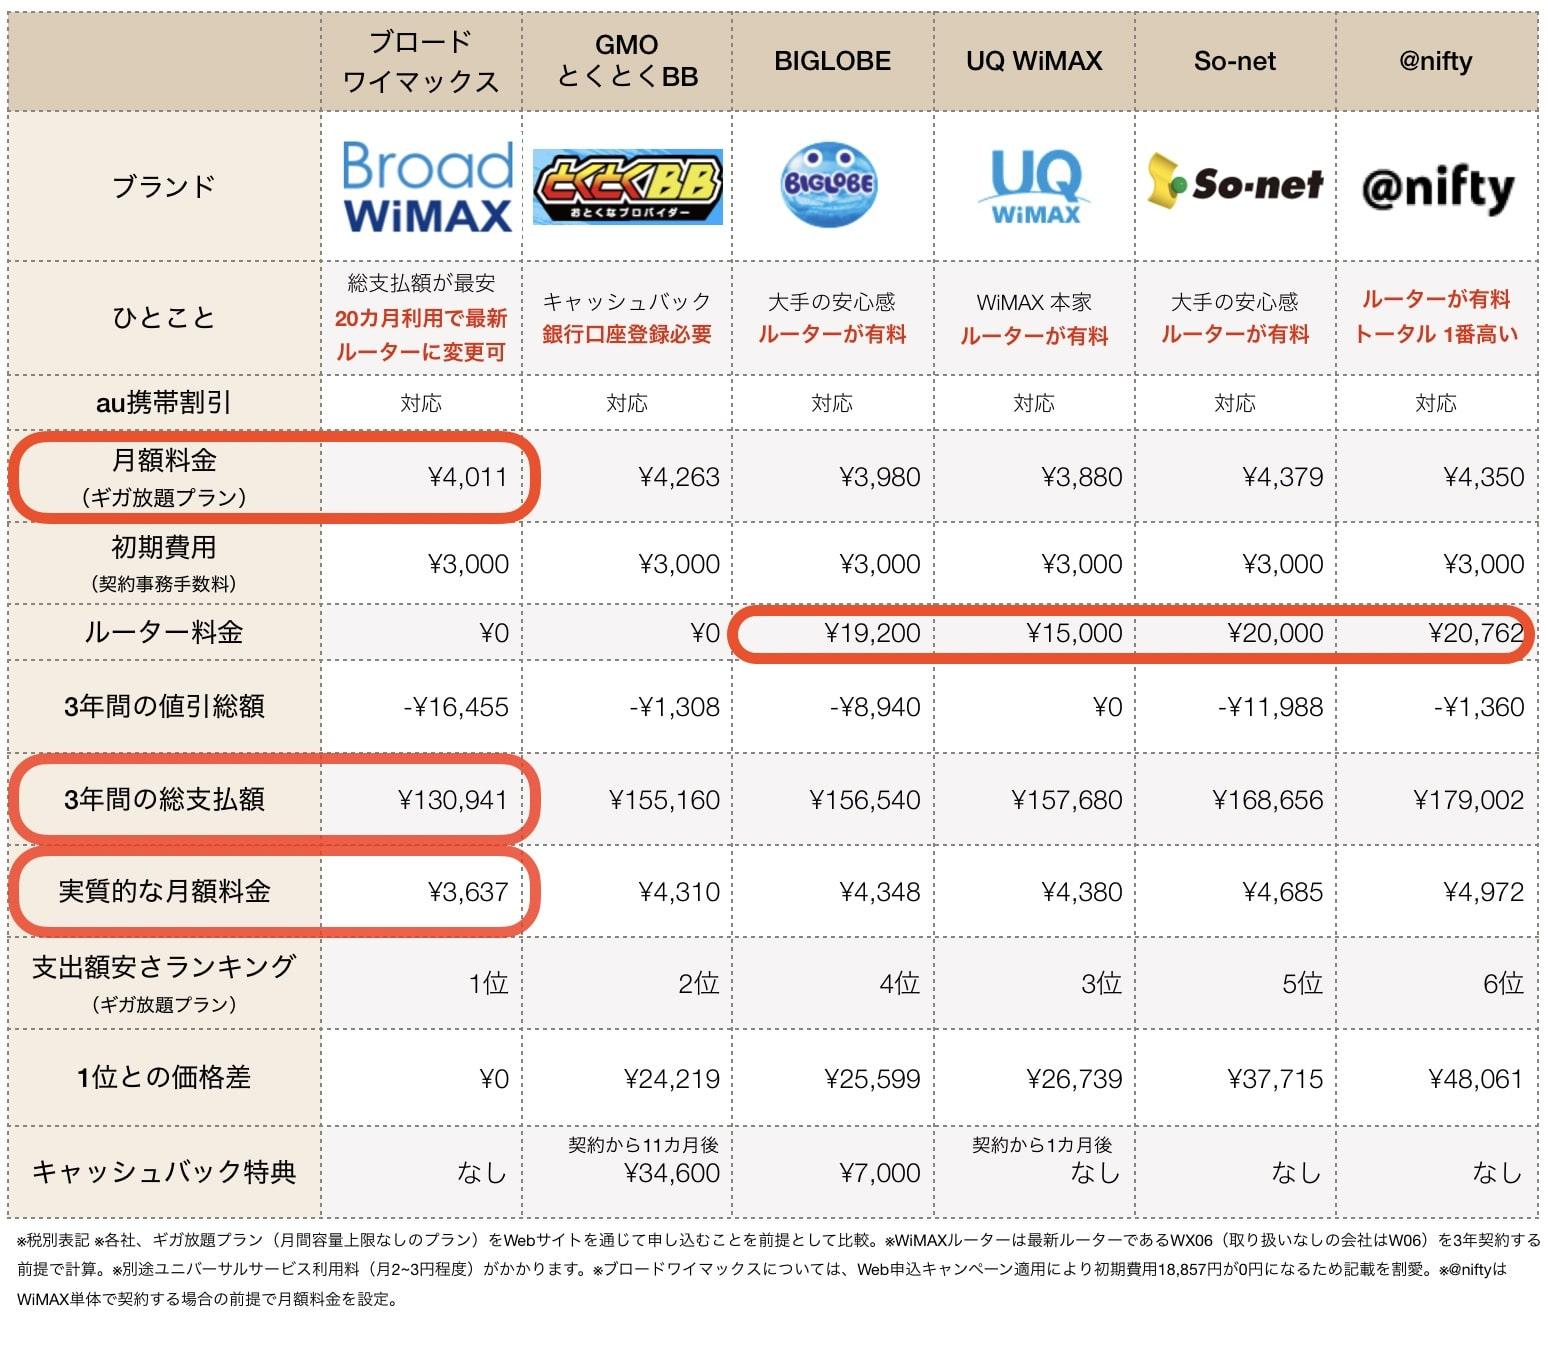 2020年2月WiMAX料金比較表